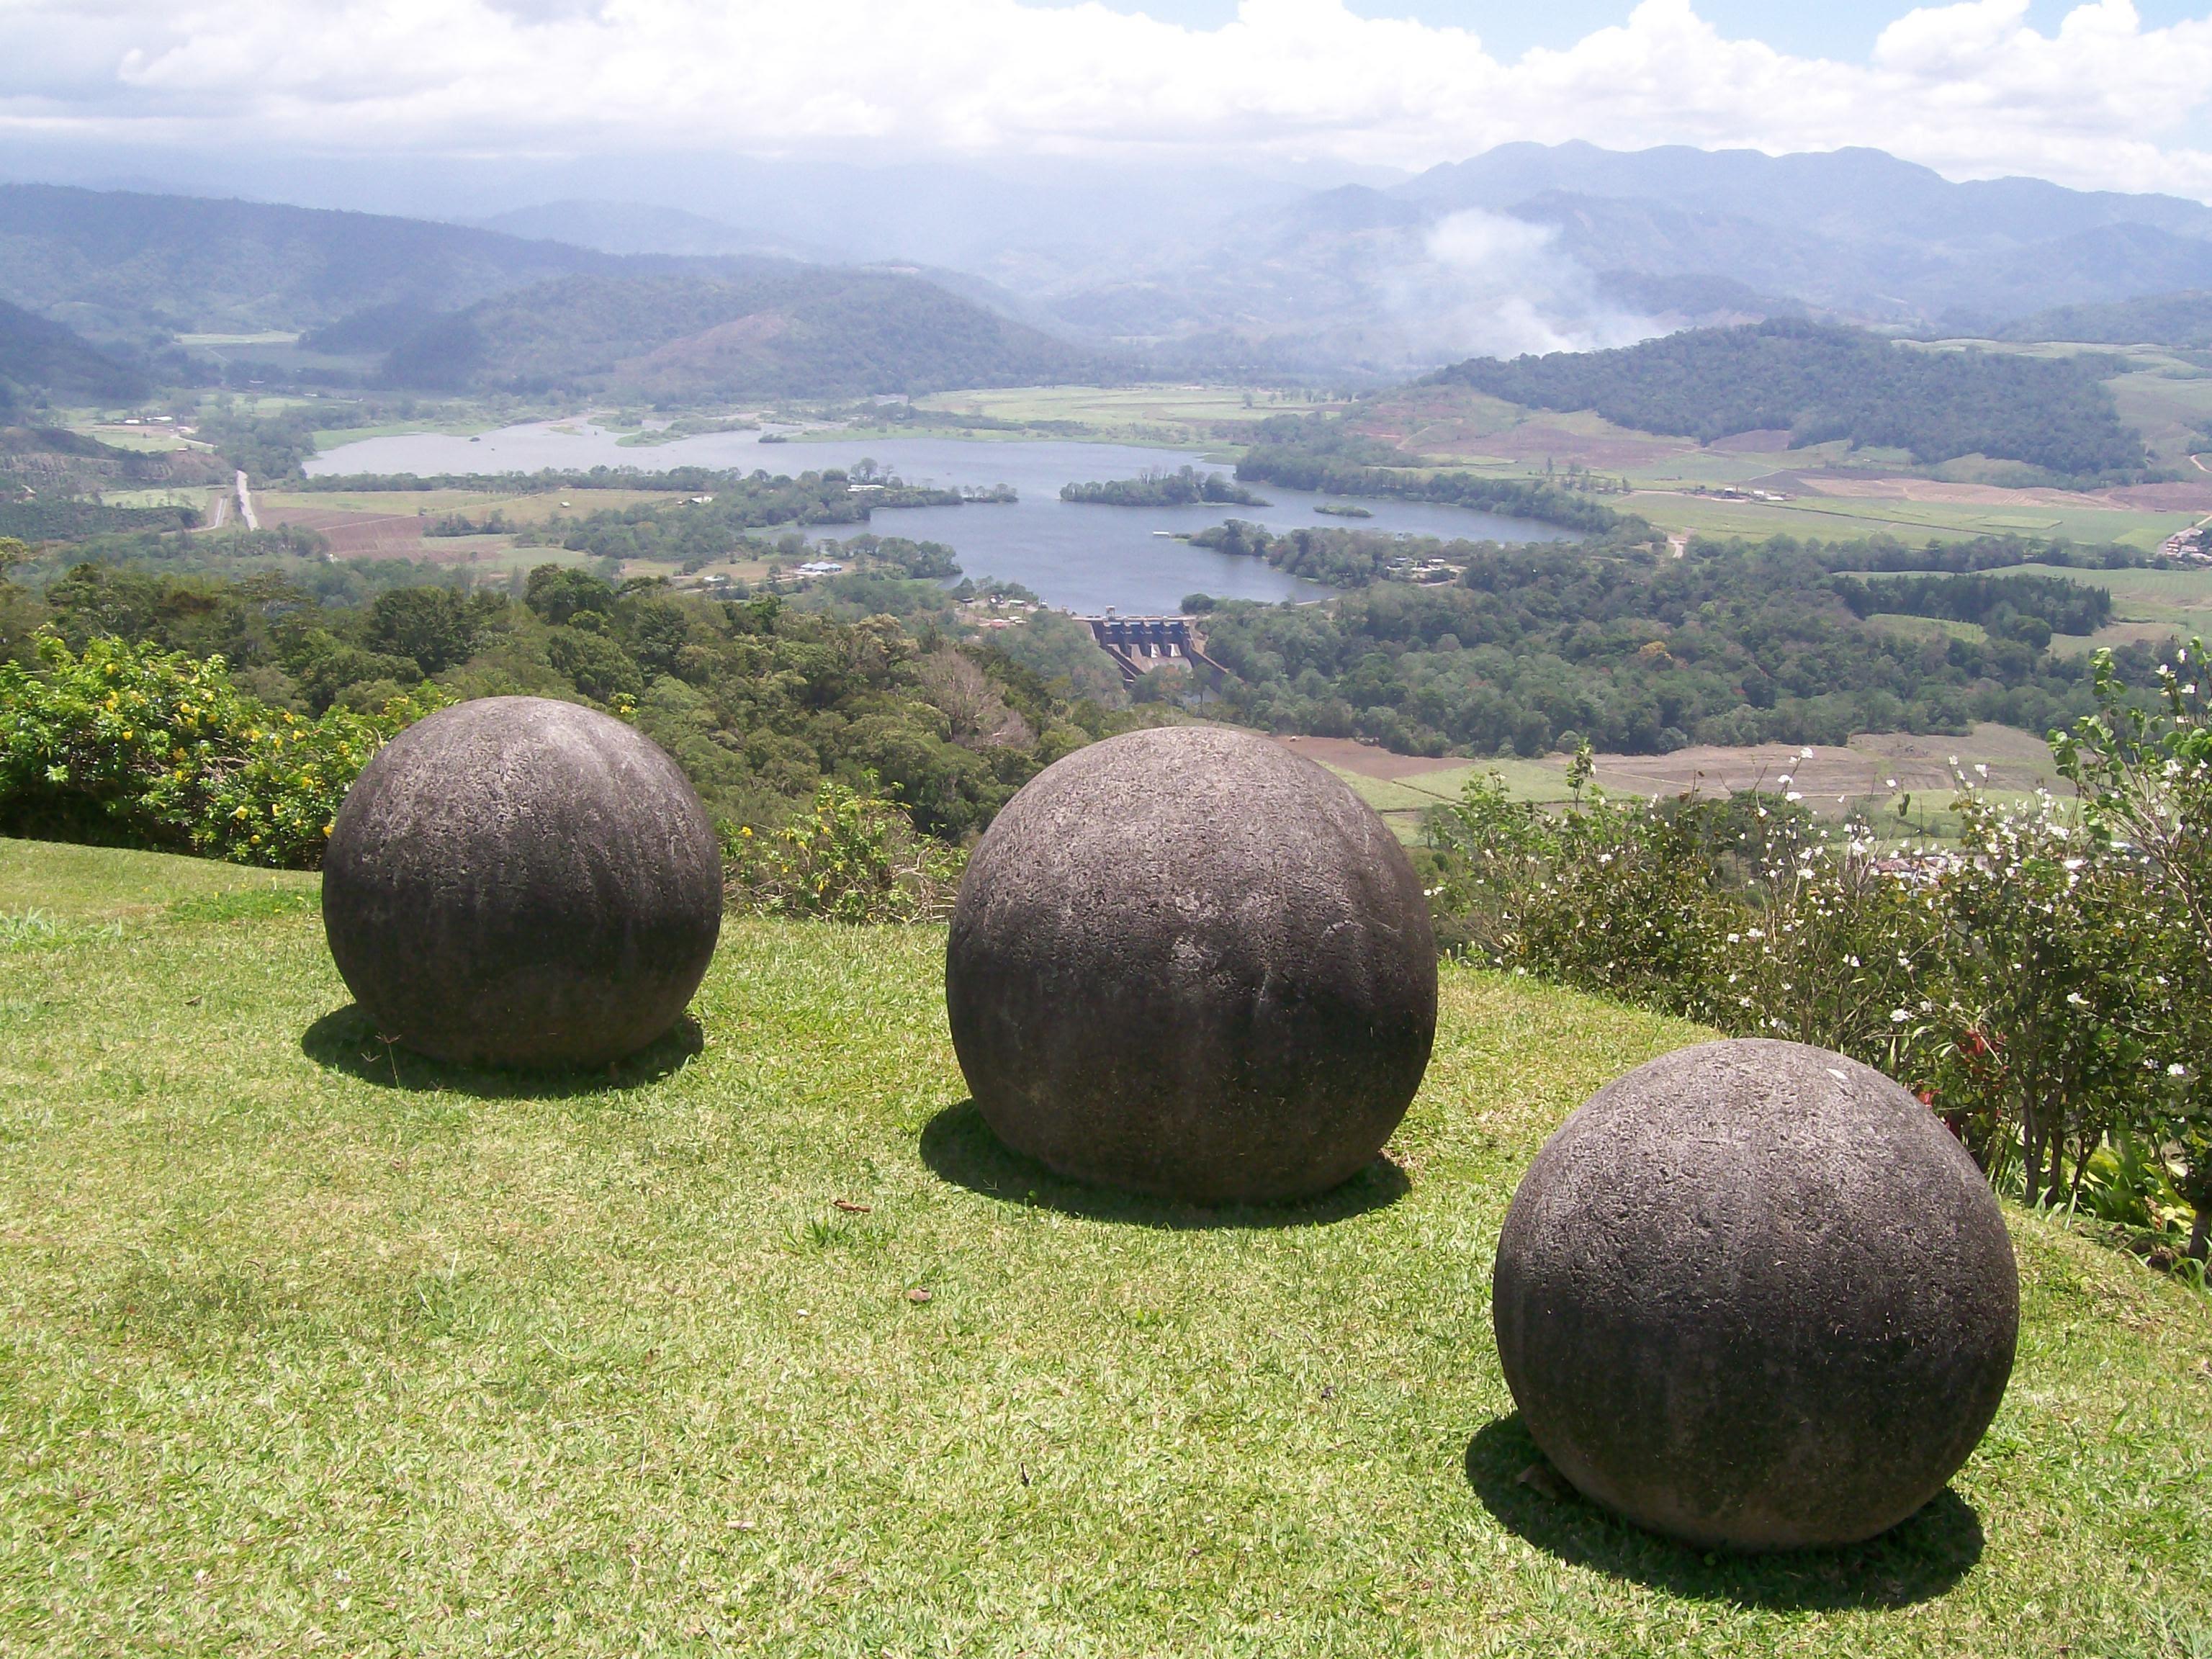 Каменные шары в Коста-Рике: для чего они служили?